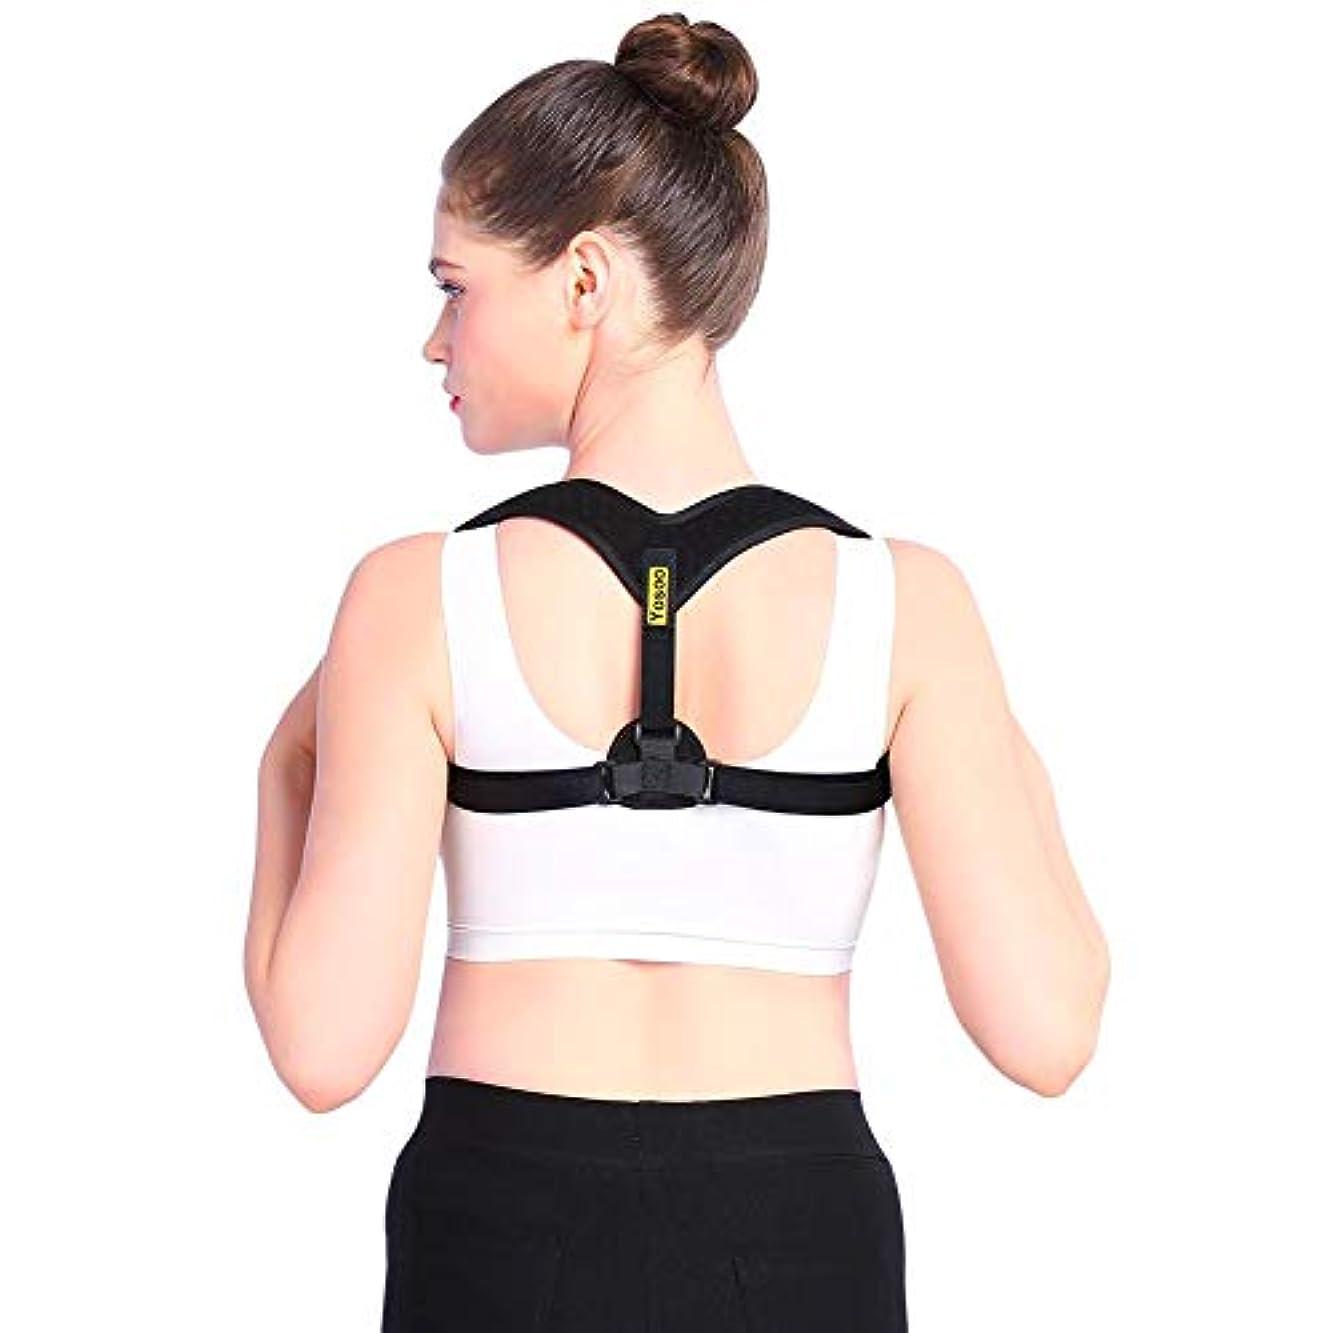 鎖骨装具、背中姿勢補正装置、背中装具姿勢補正装置肩甲骨の痛みのための鎖骨サポート